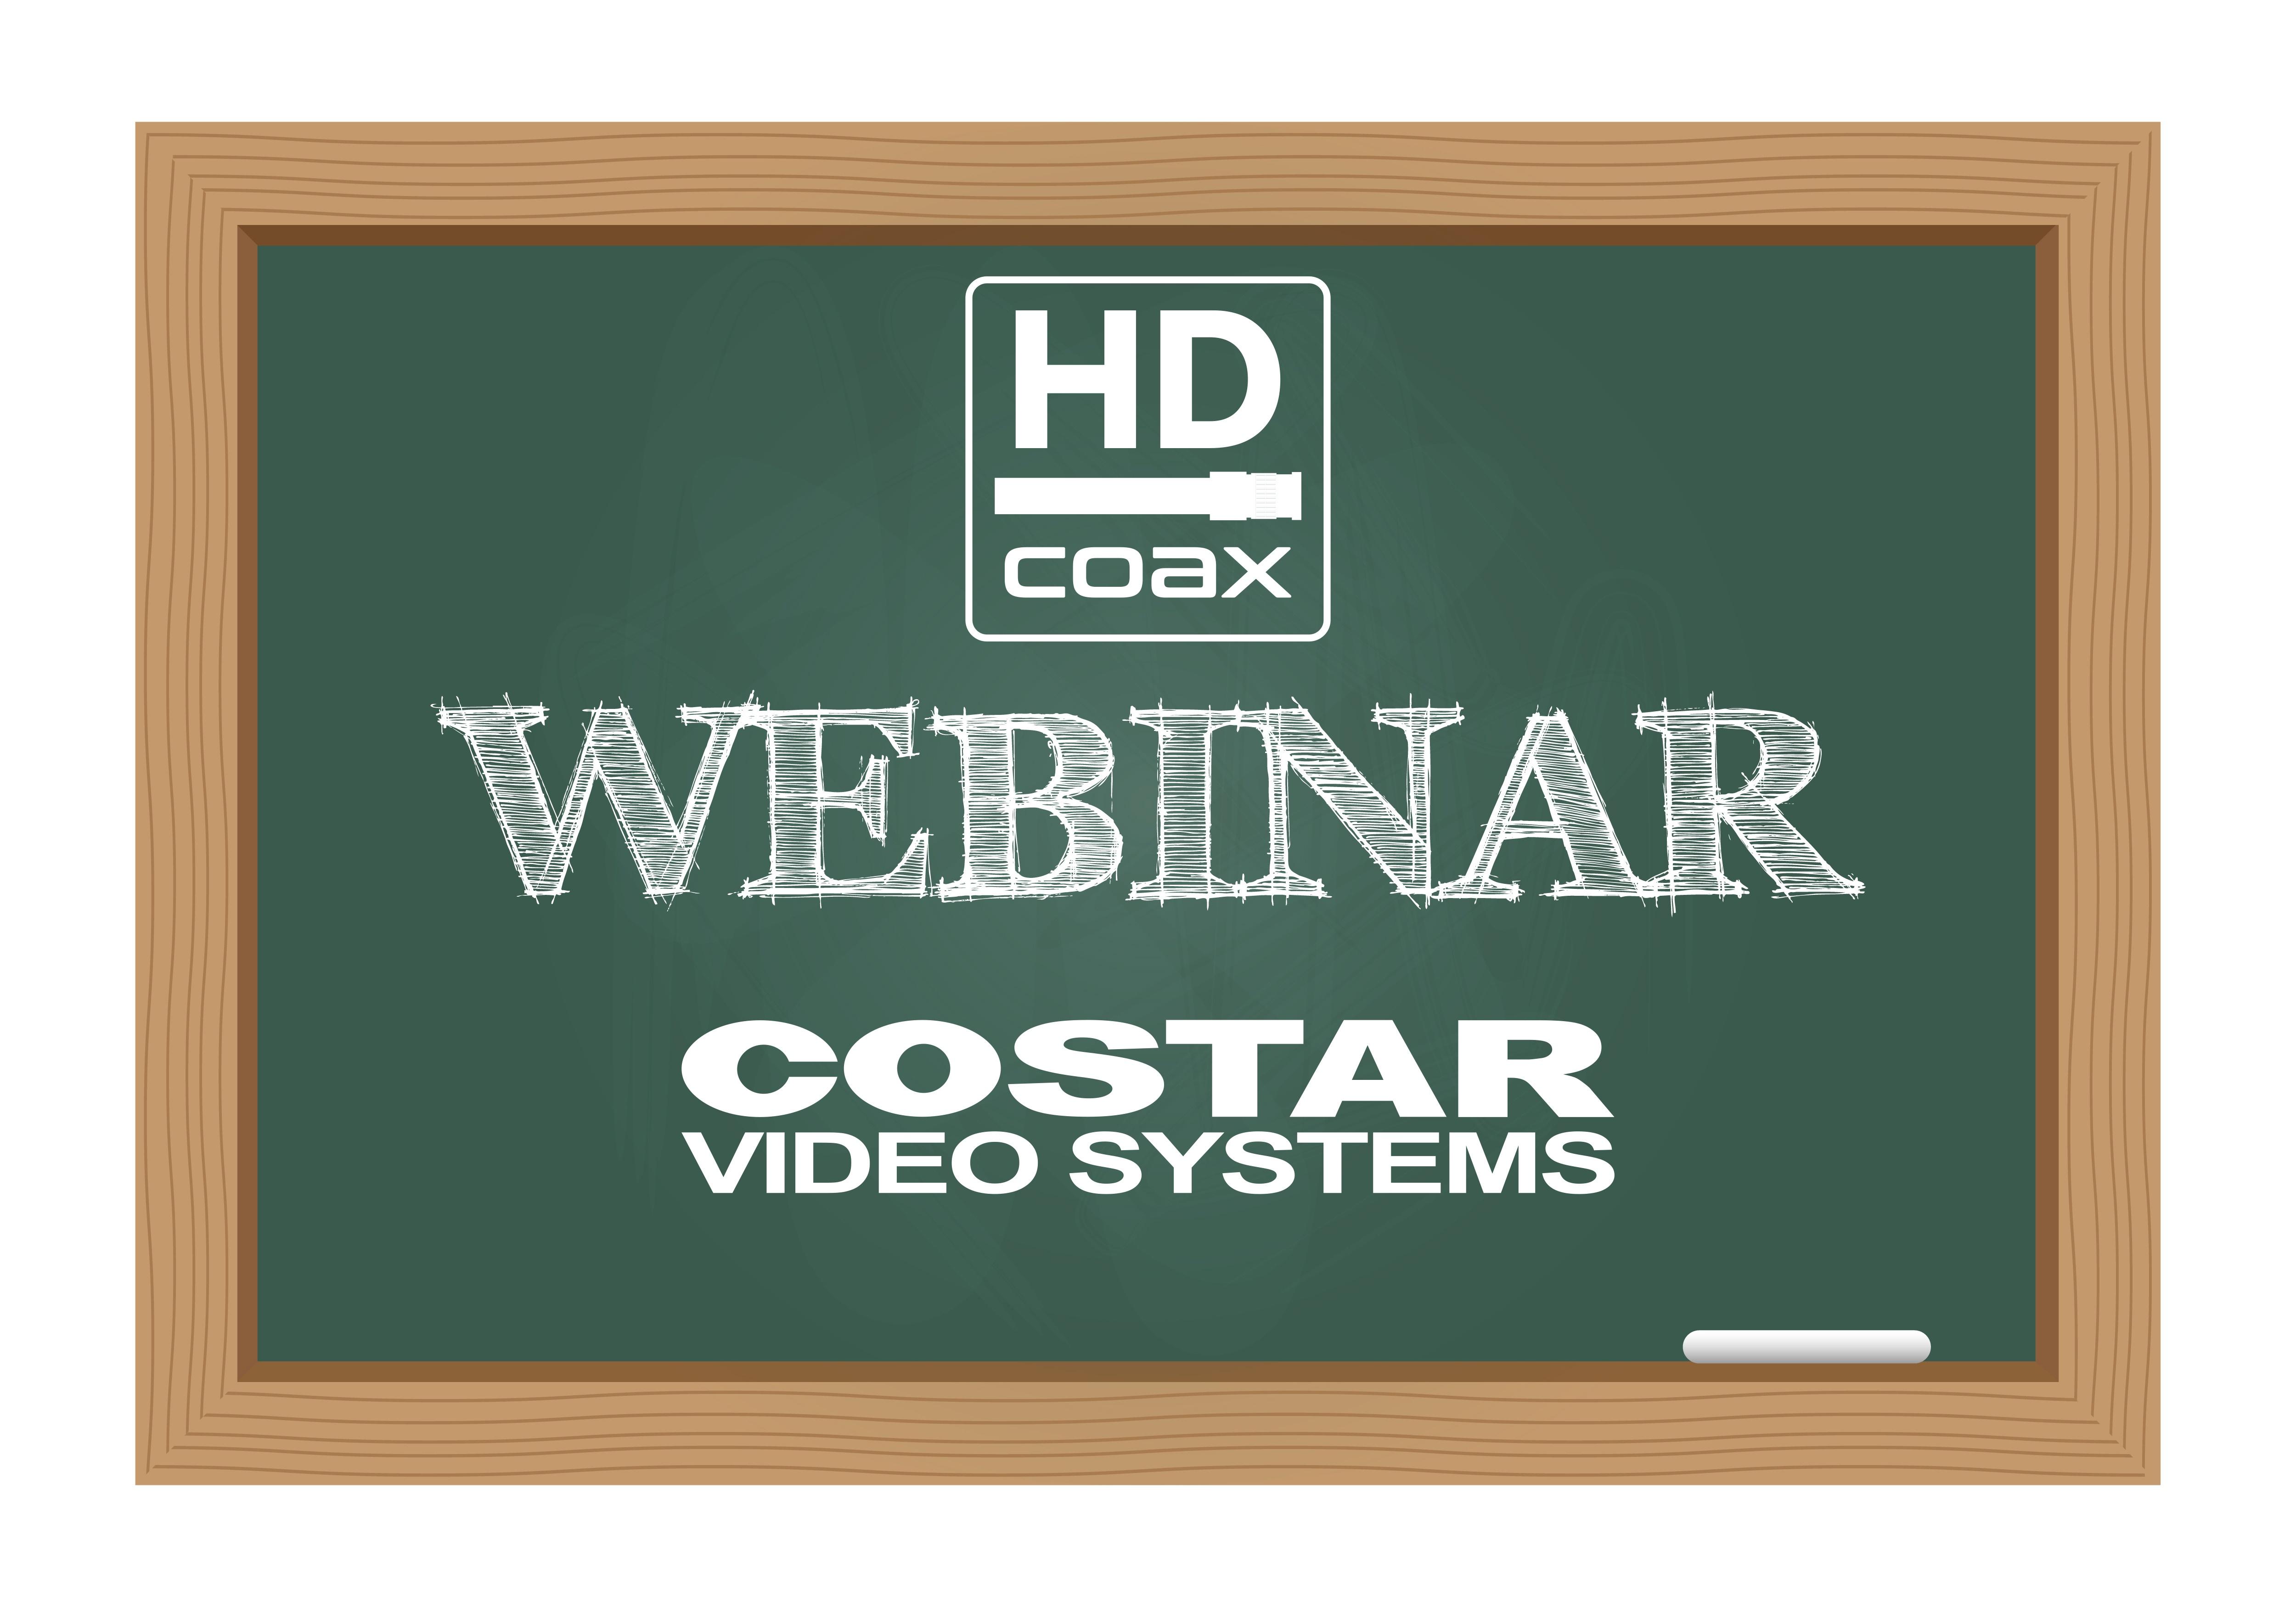 HD over Coax Webinar.jpg